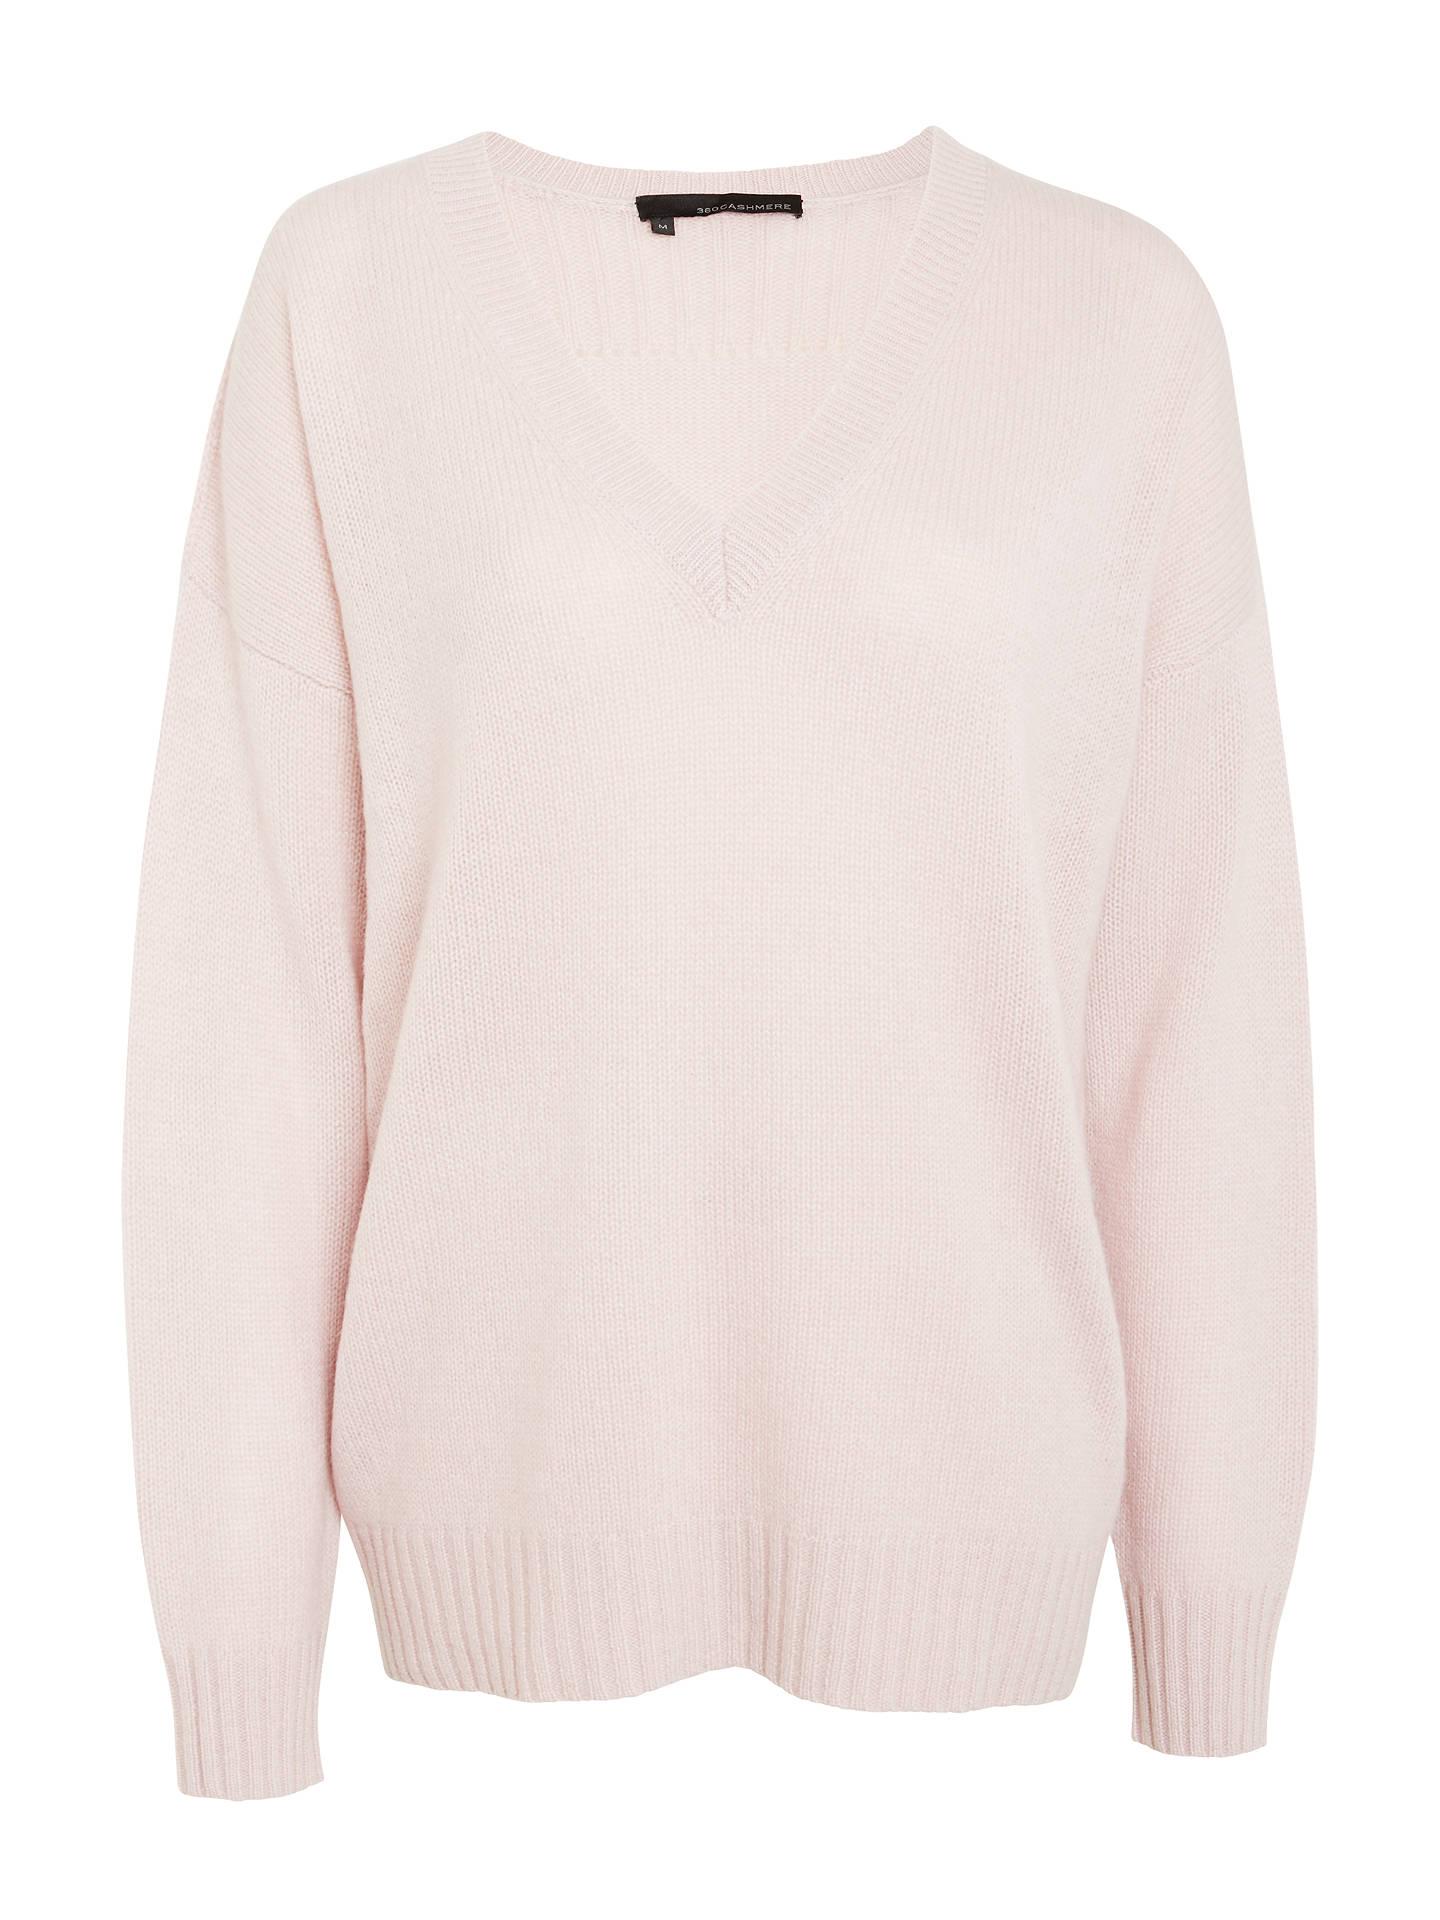 360 Sweater Sydney Cashmere Jumper, Rose at John Lewis